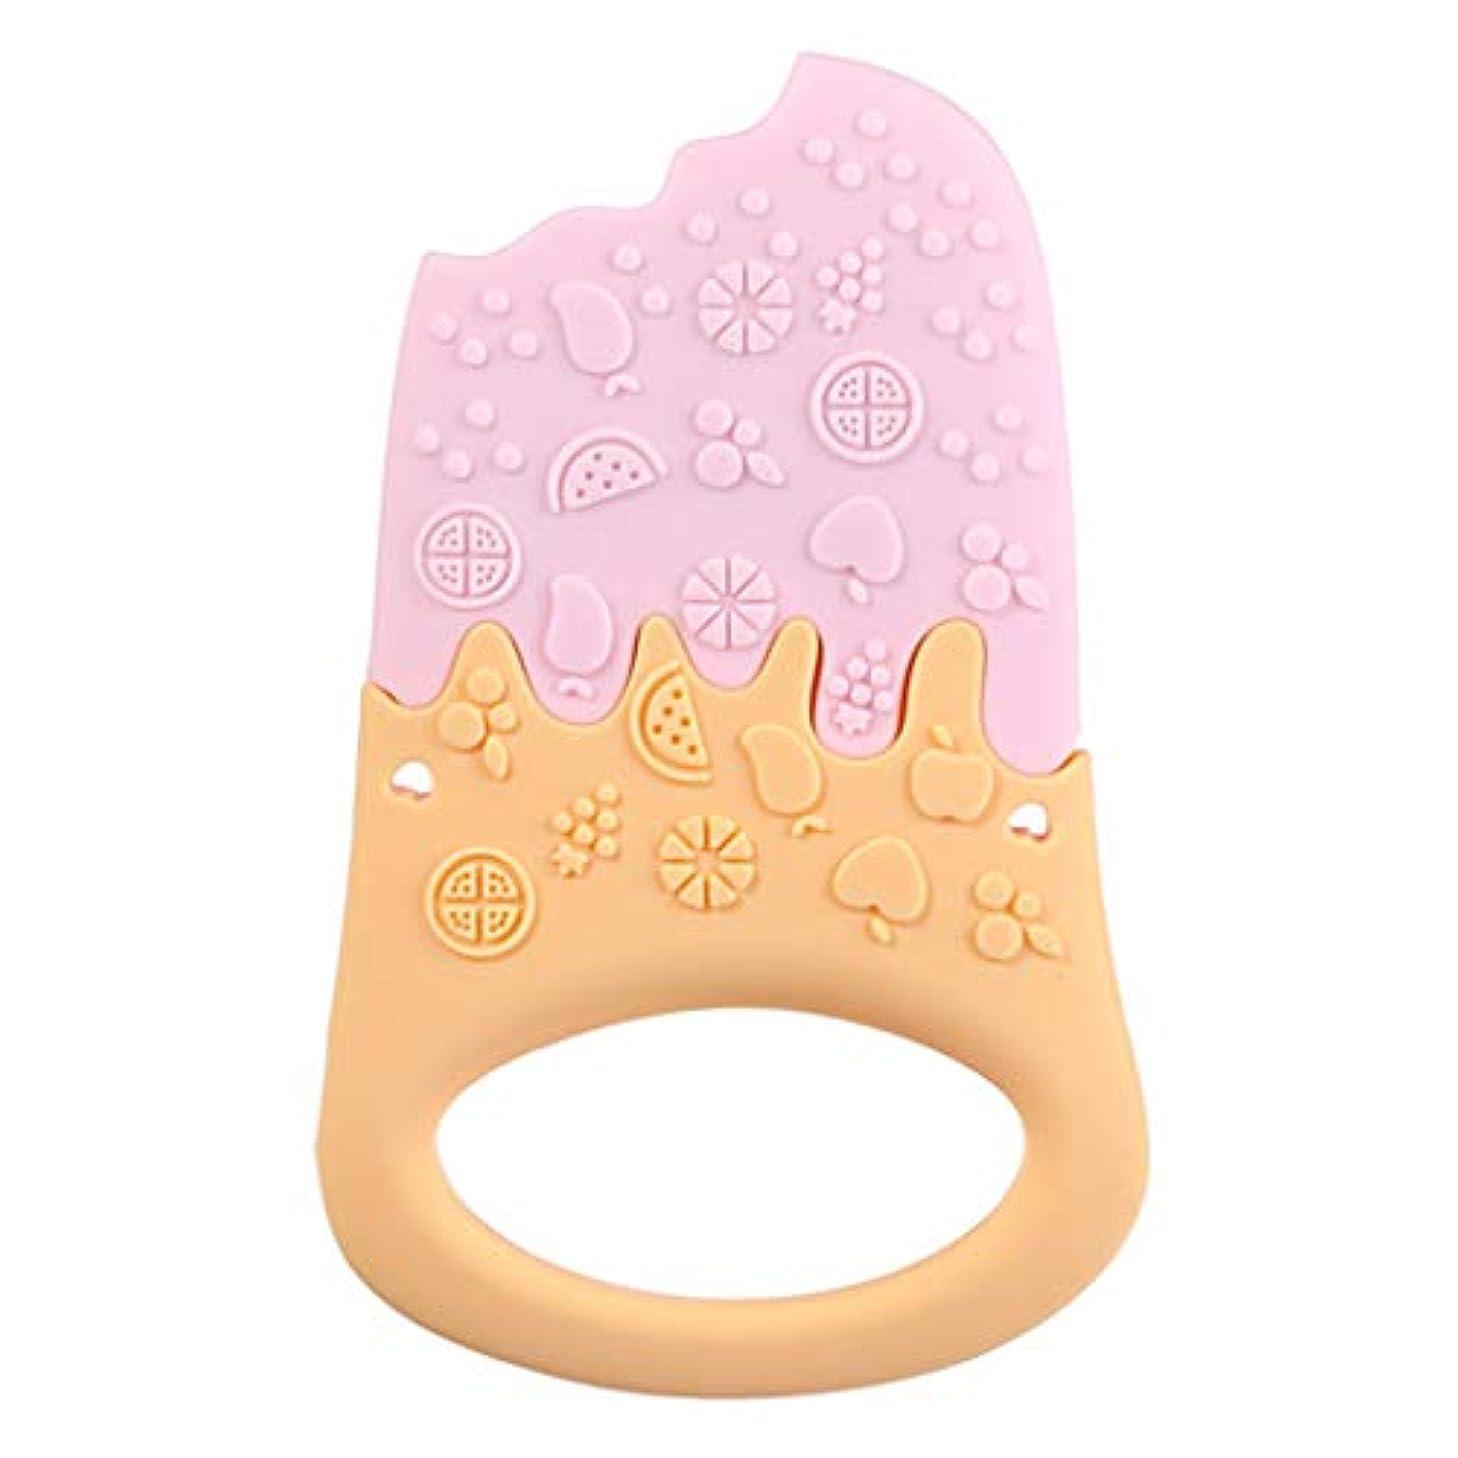 奇跡的なセラーハイキングLanddumシリコーンティーザーアイスクリームティーザー赤ちゃん看護玩具かむ玩具歯が生えるガラガラおもちゃ - 青